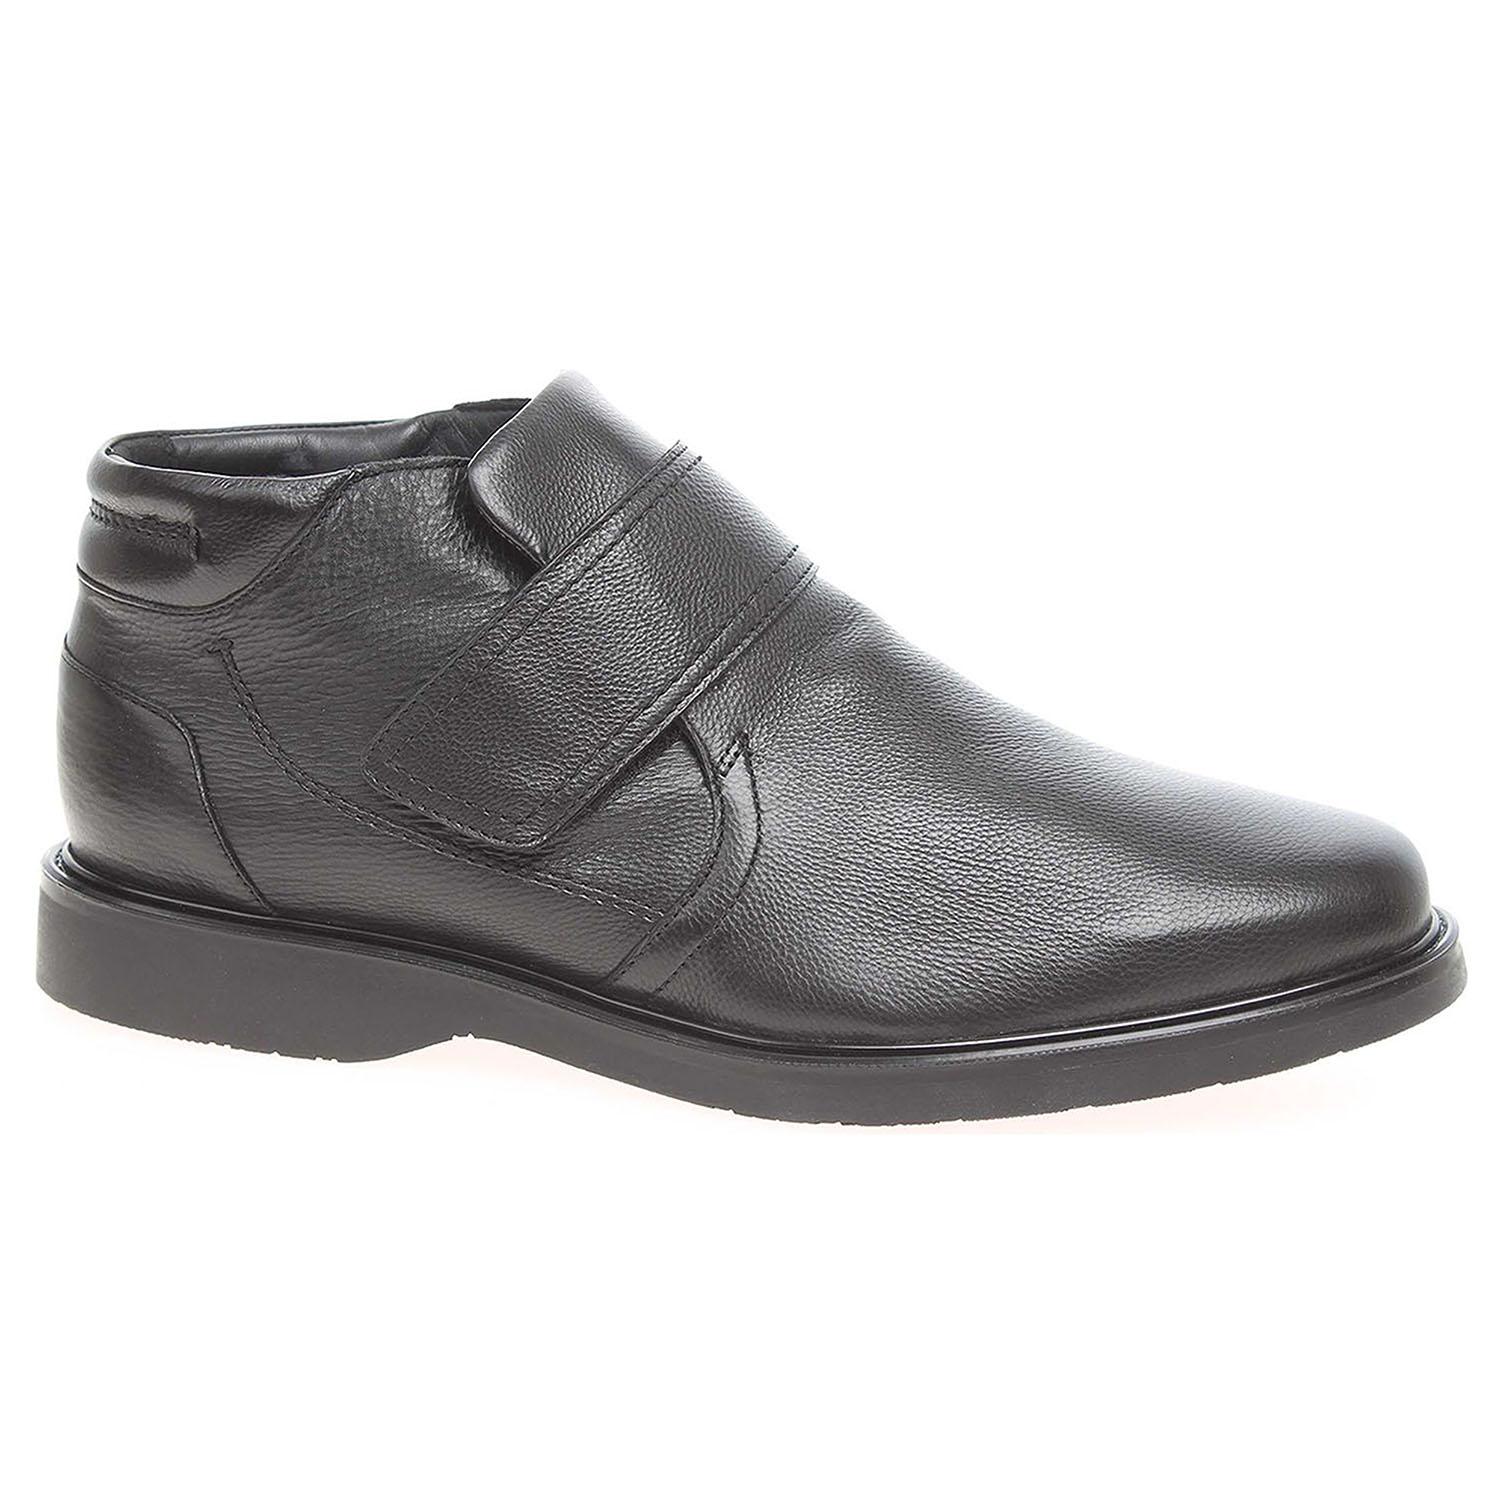 0894c82dd76a Ecco Pánská kotníková obuv Salamander 31-68304-01 černé 24300514